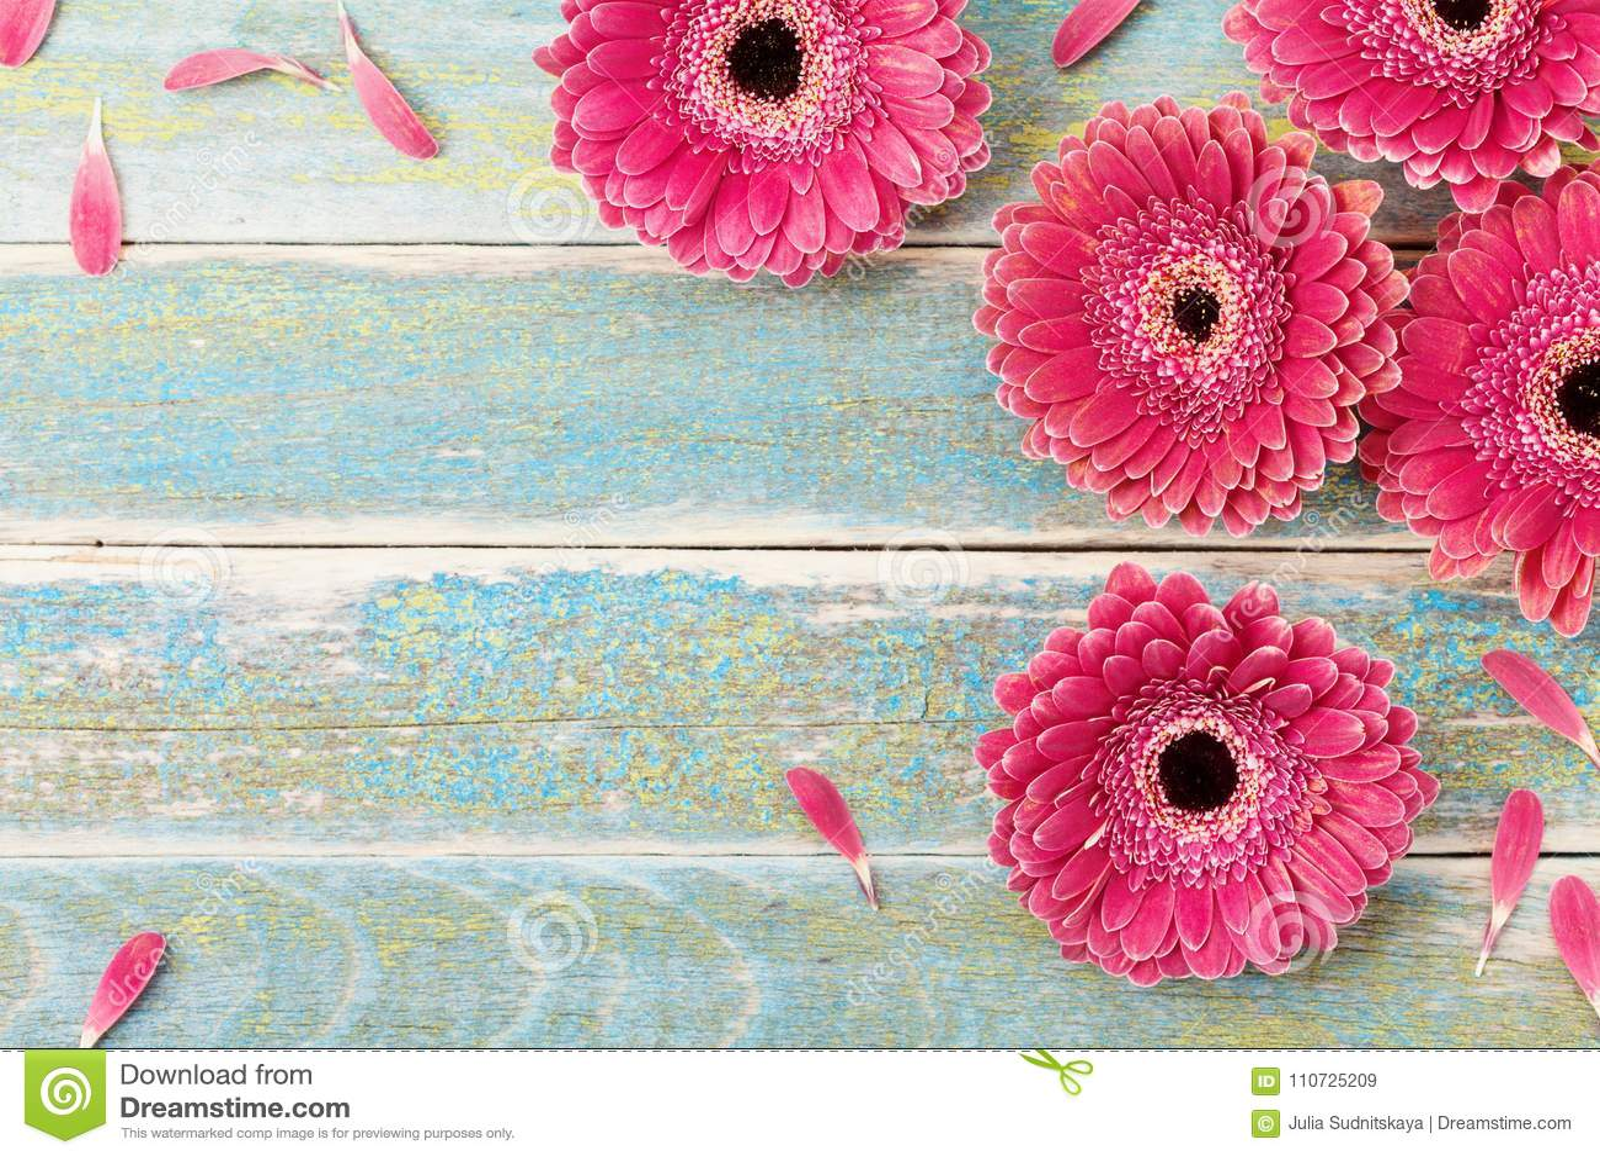 Fondo de la tarjeta de felicitación de la flor de la margarita del Gerbera para el día de la madre o de la mujer Estilo de la ven